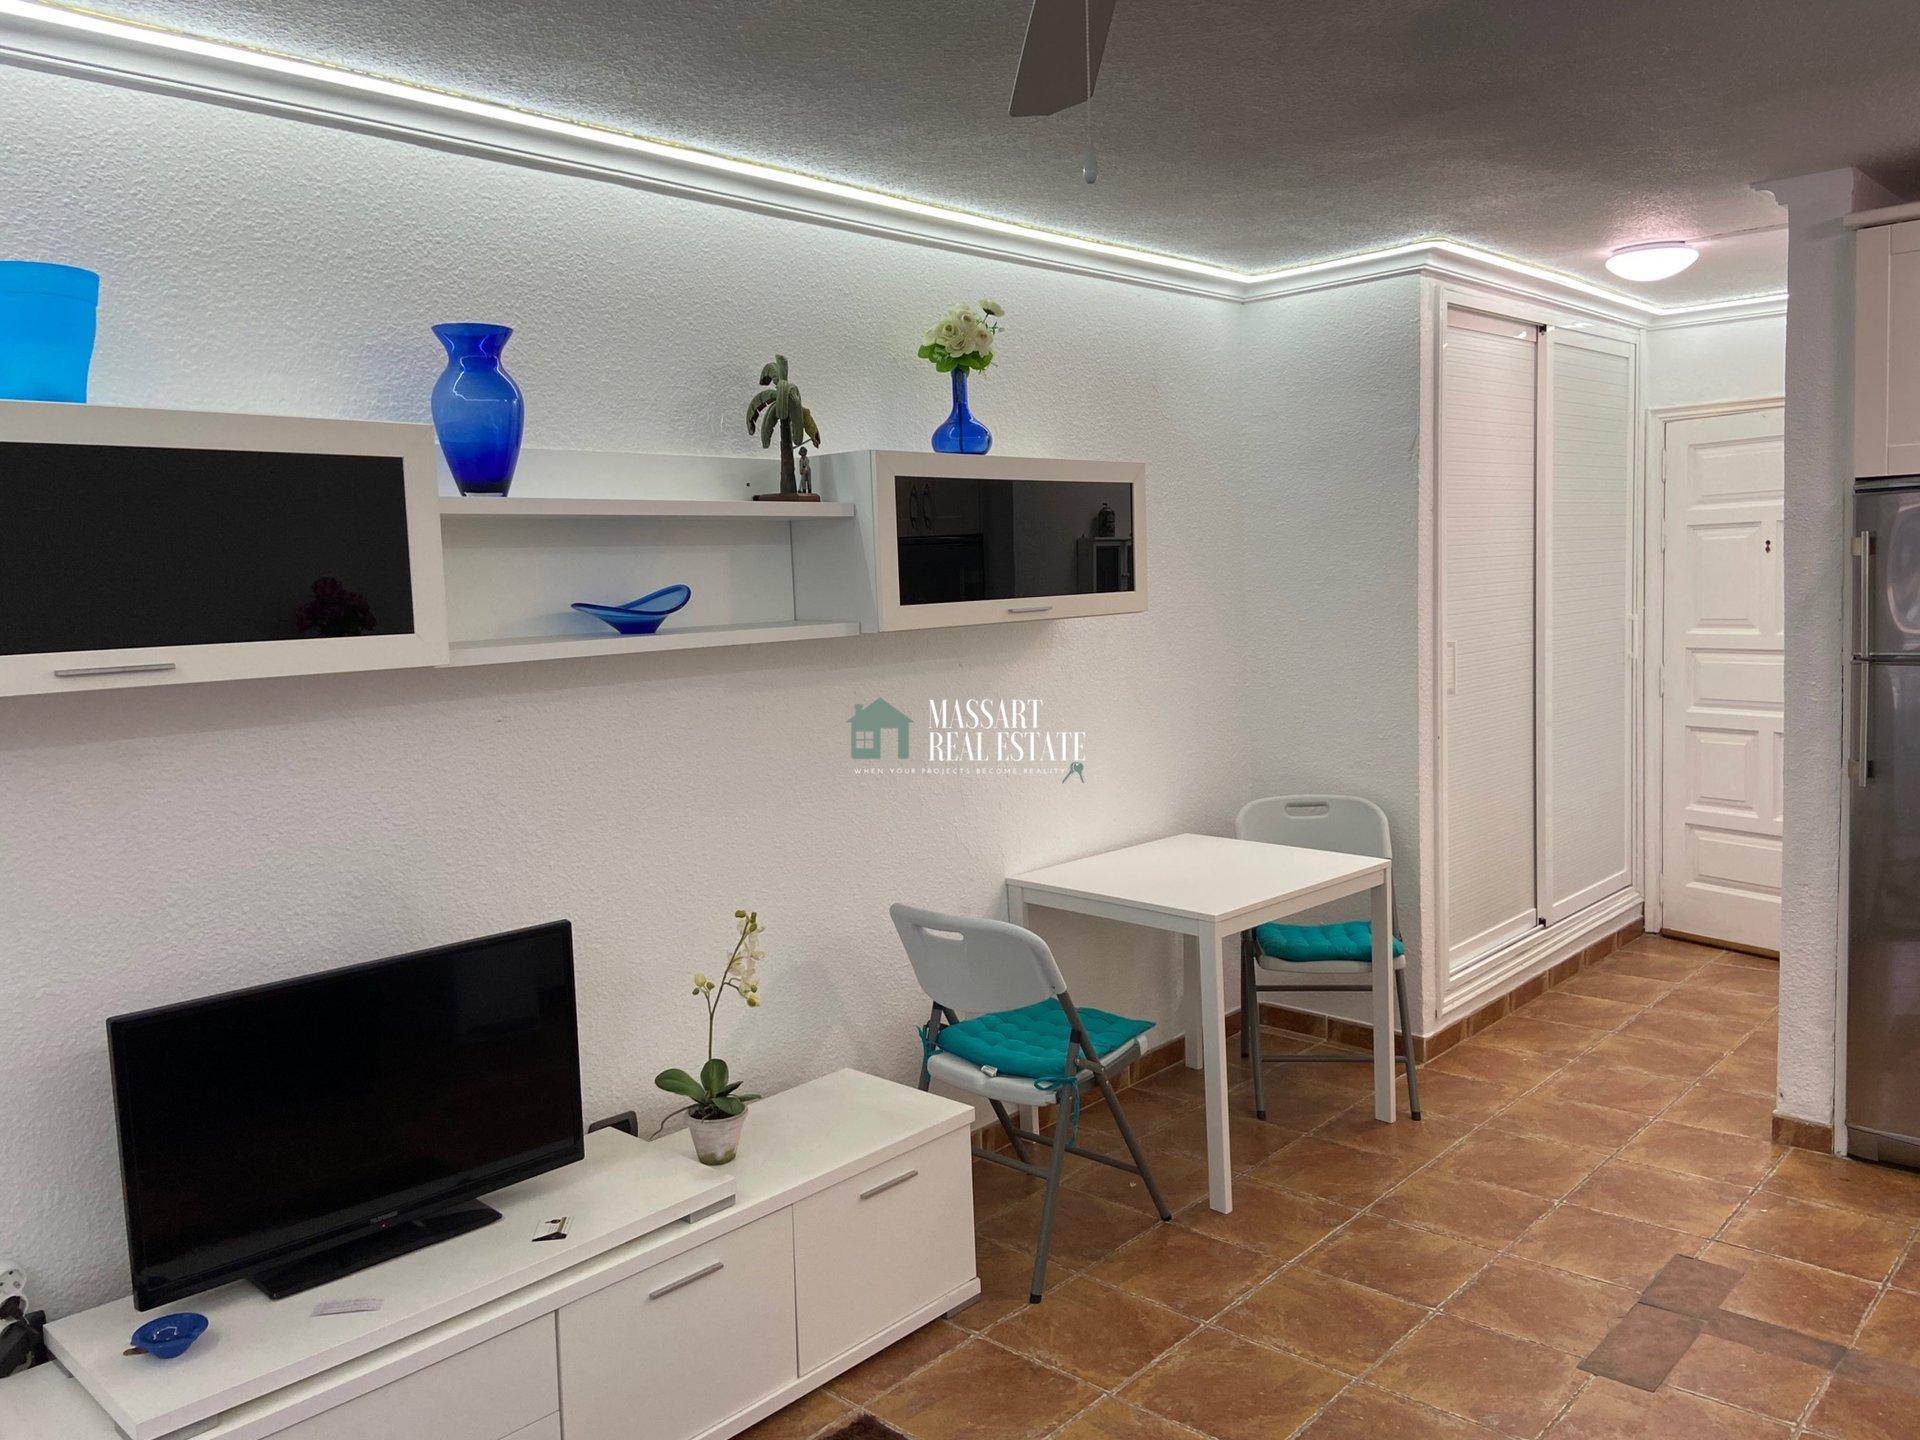 Accogliente monolocale completamente ristrutturato nel centro di Los Cristianos, nel complesso residenziale Summerland.